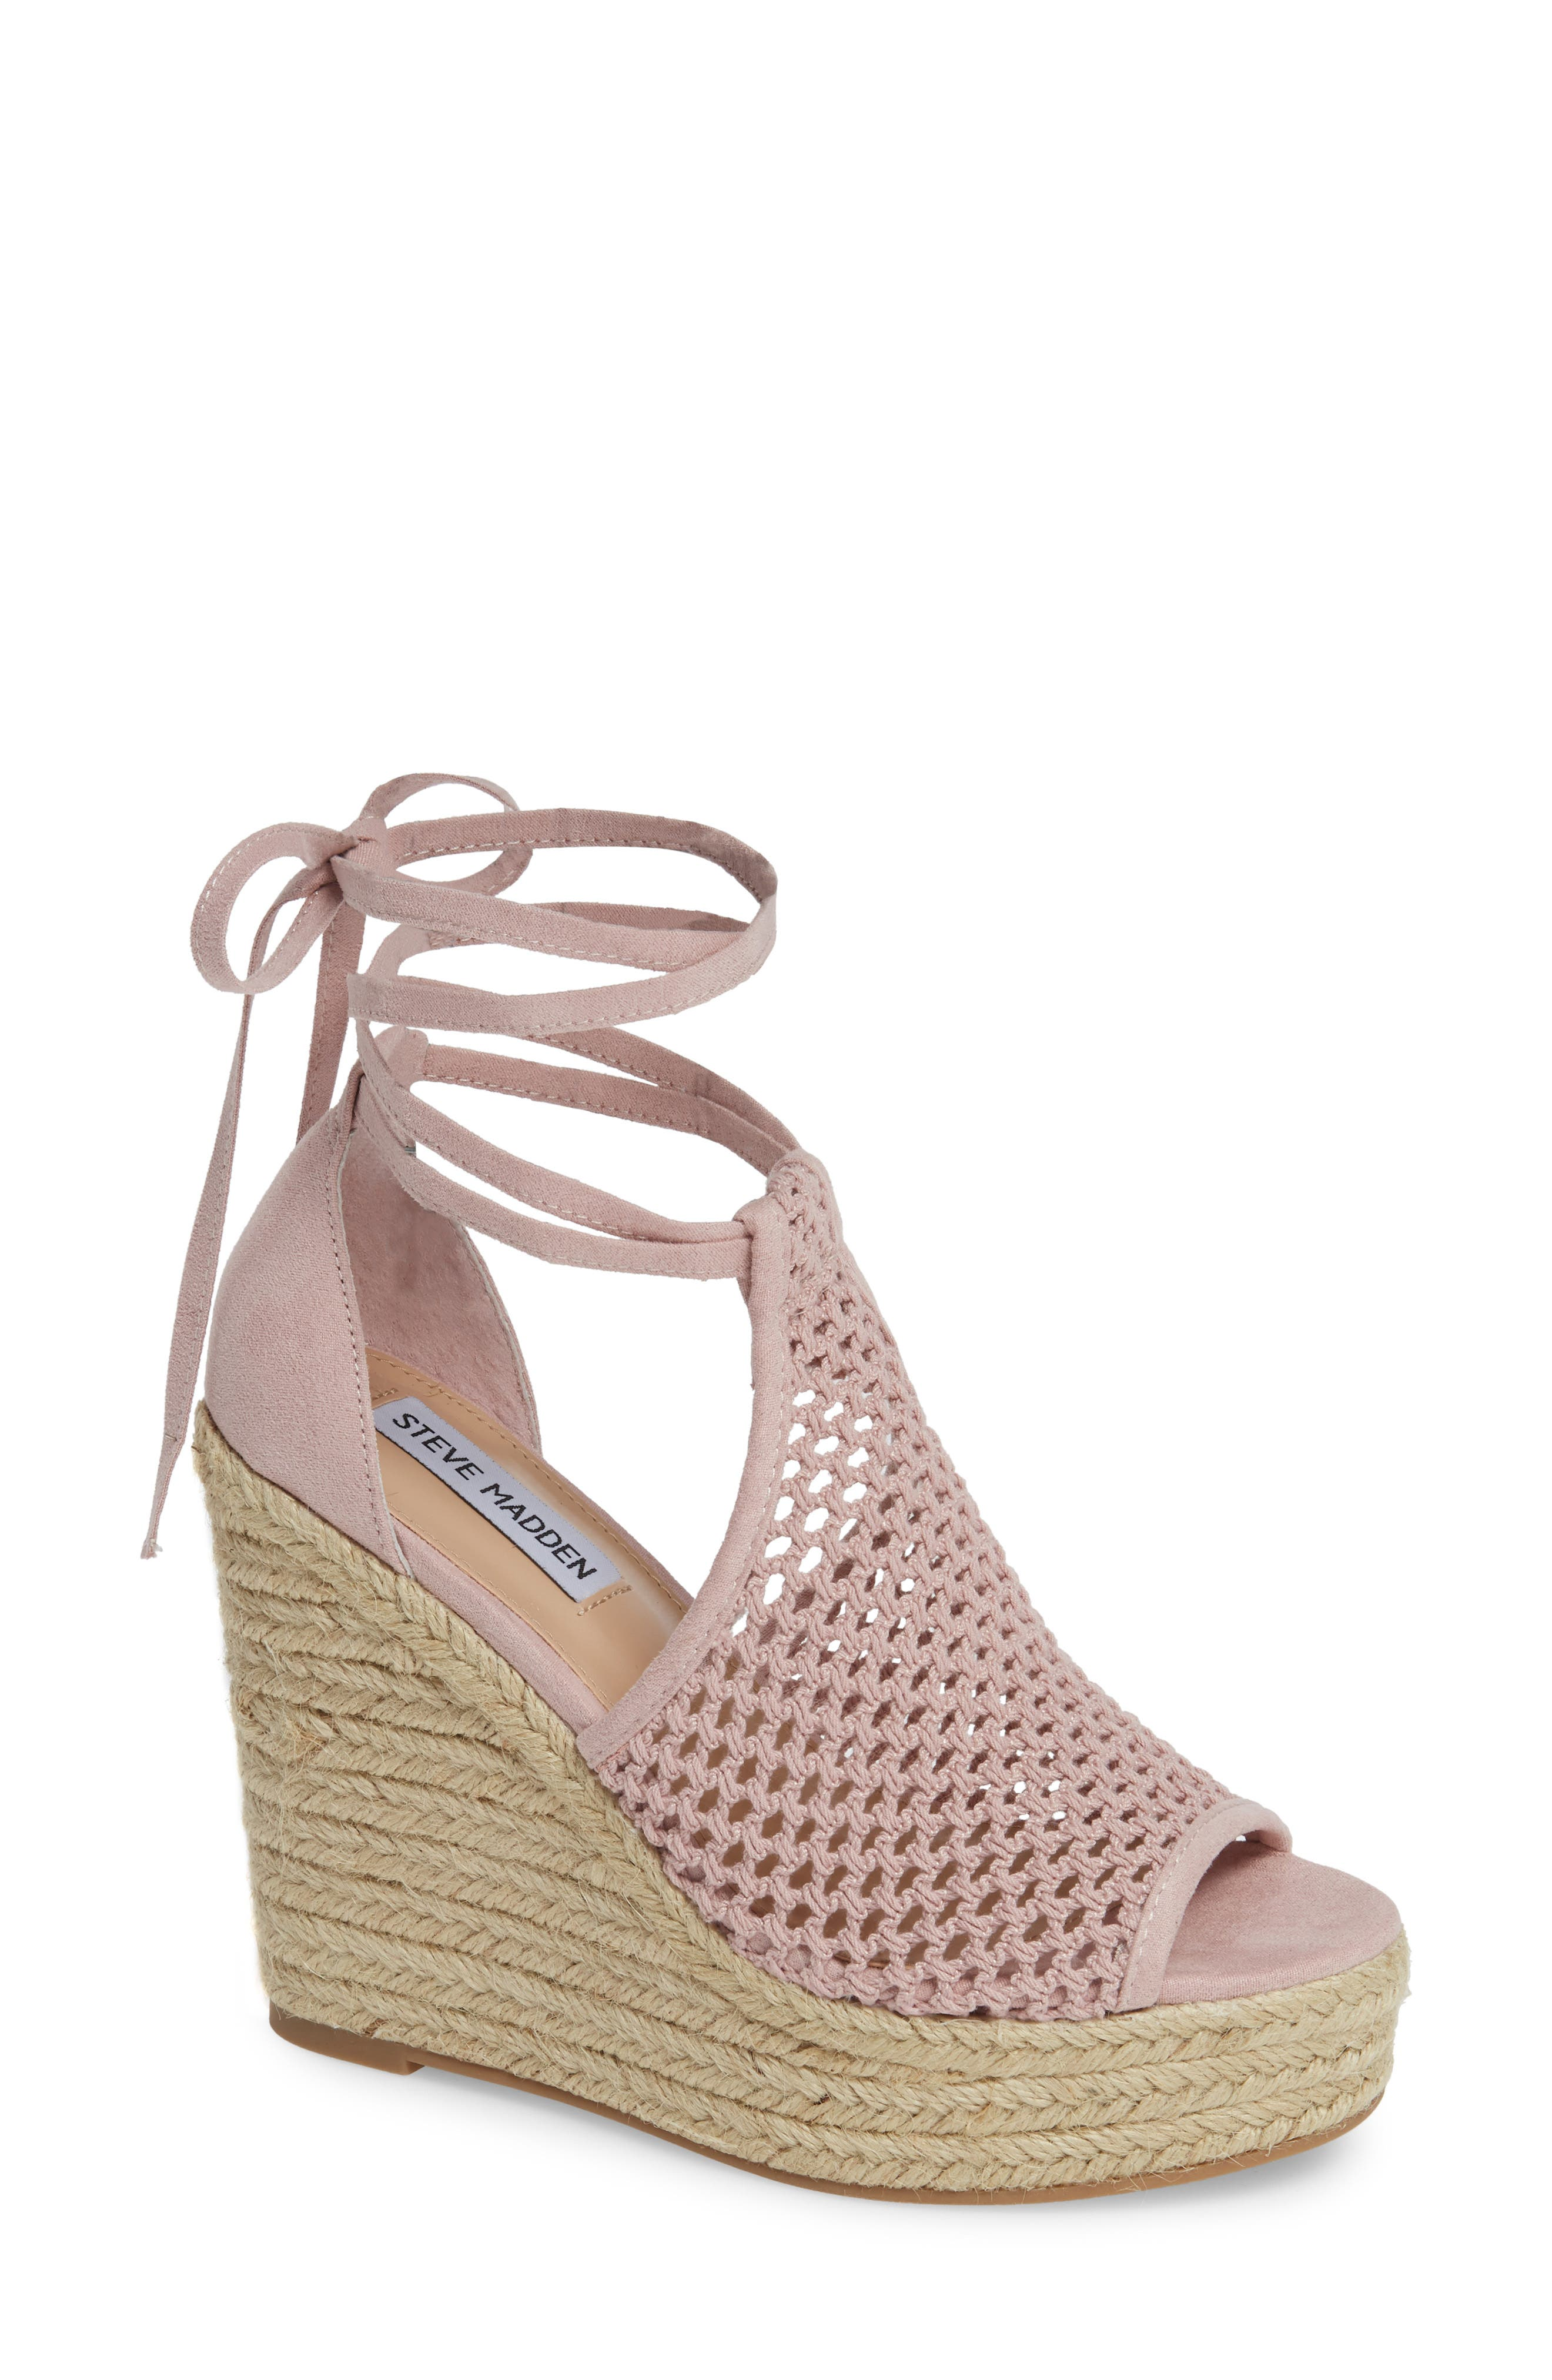 3af1c317622 Women s Steve Madden Espadrille Sandals